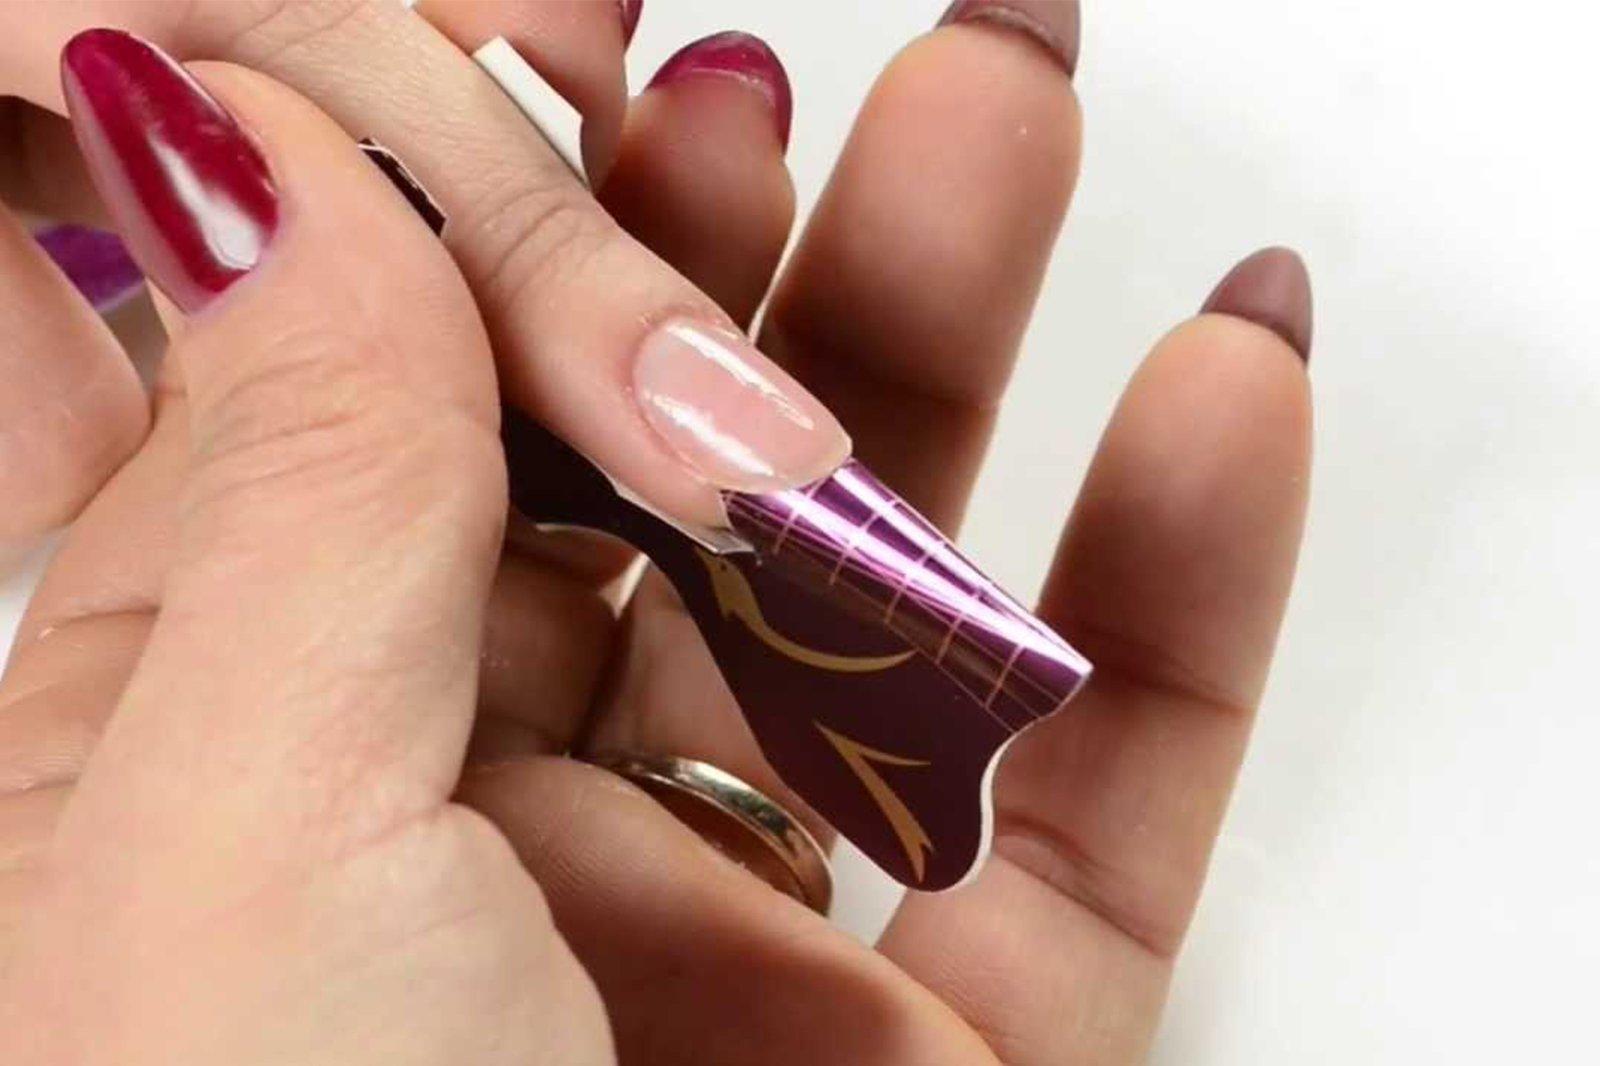 Persona da Master Nails disegnando sulle unghie a Giarre